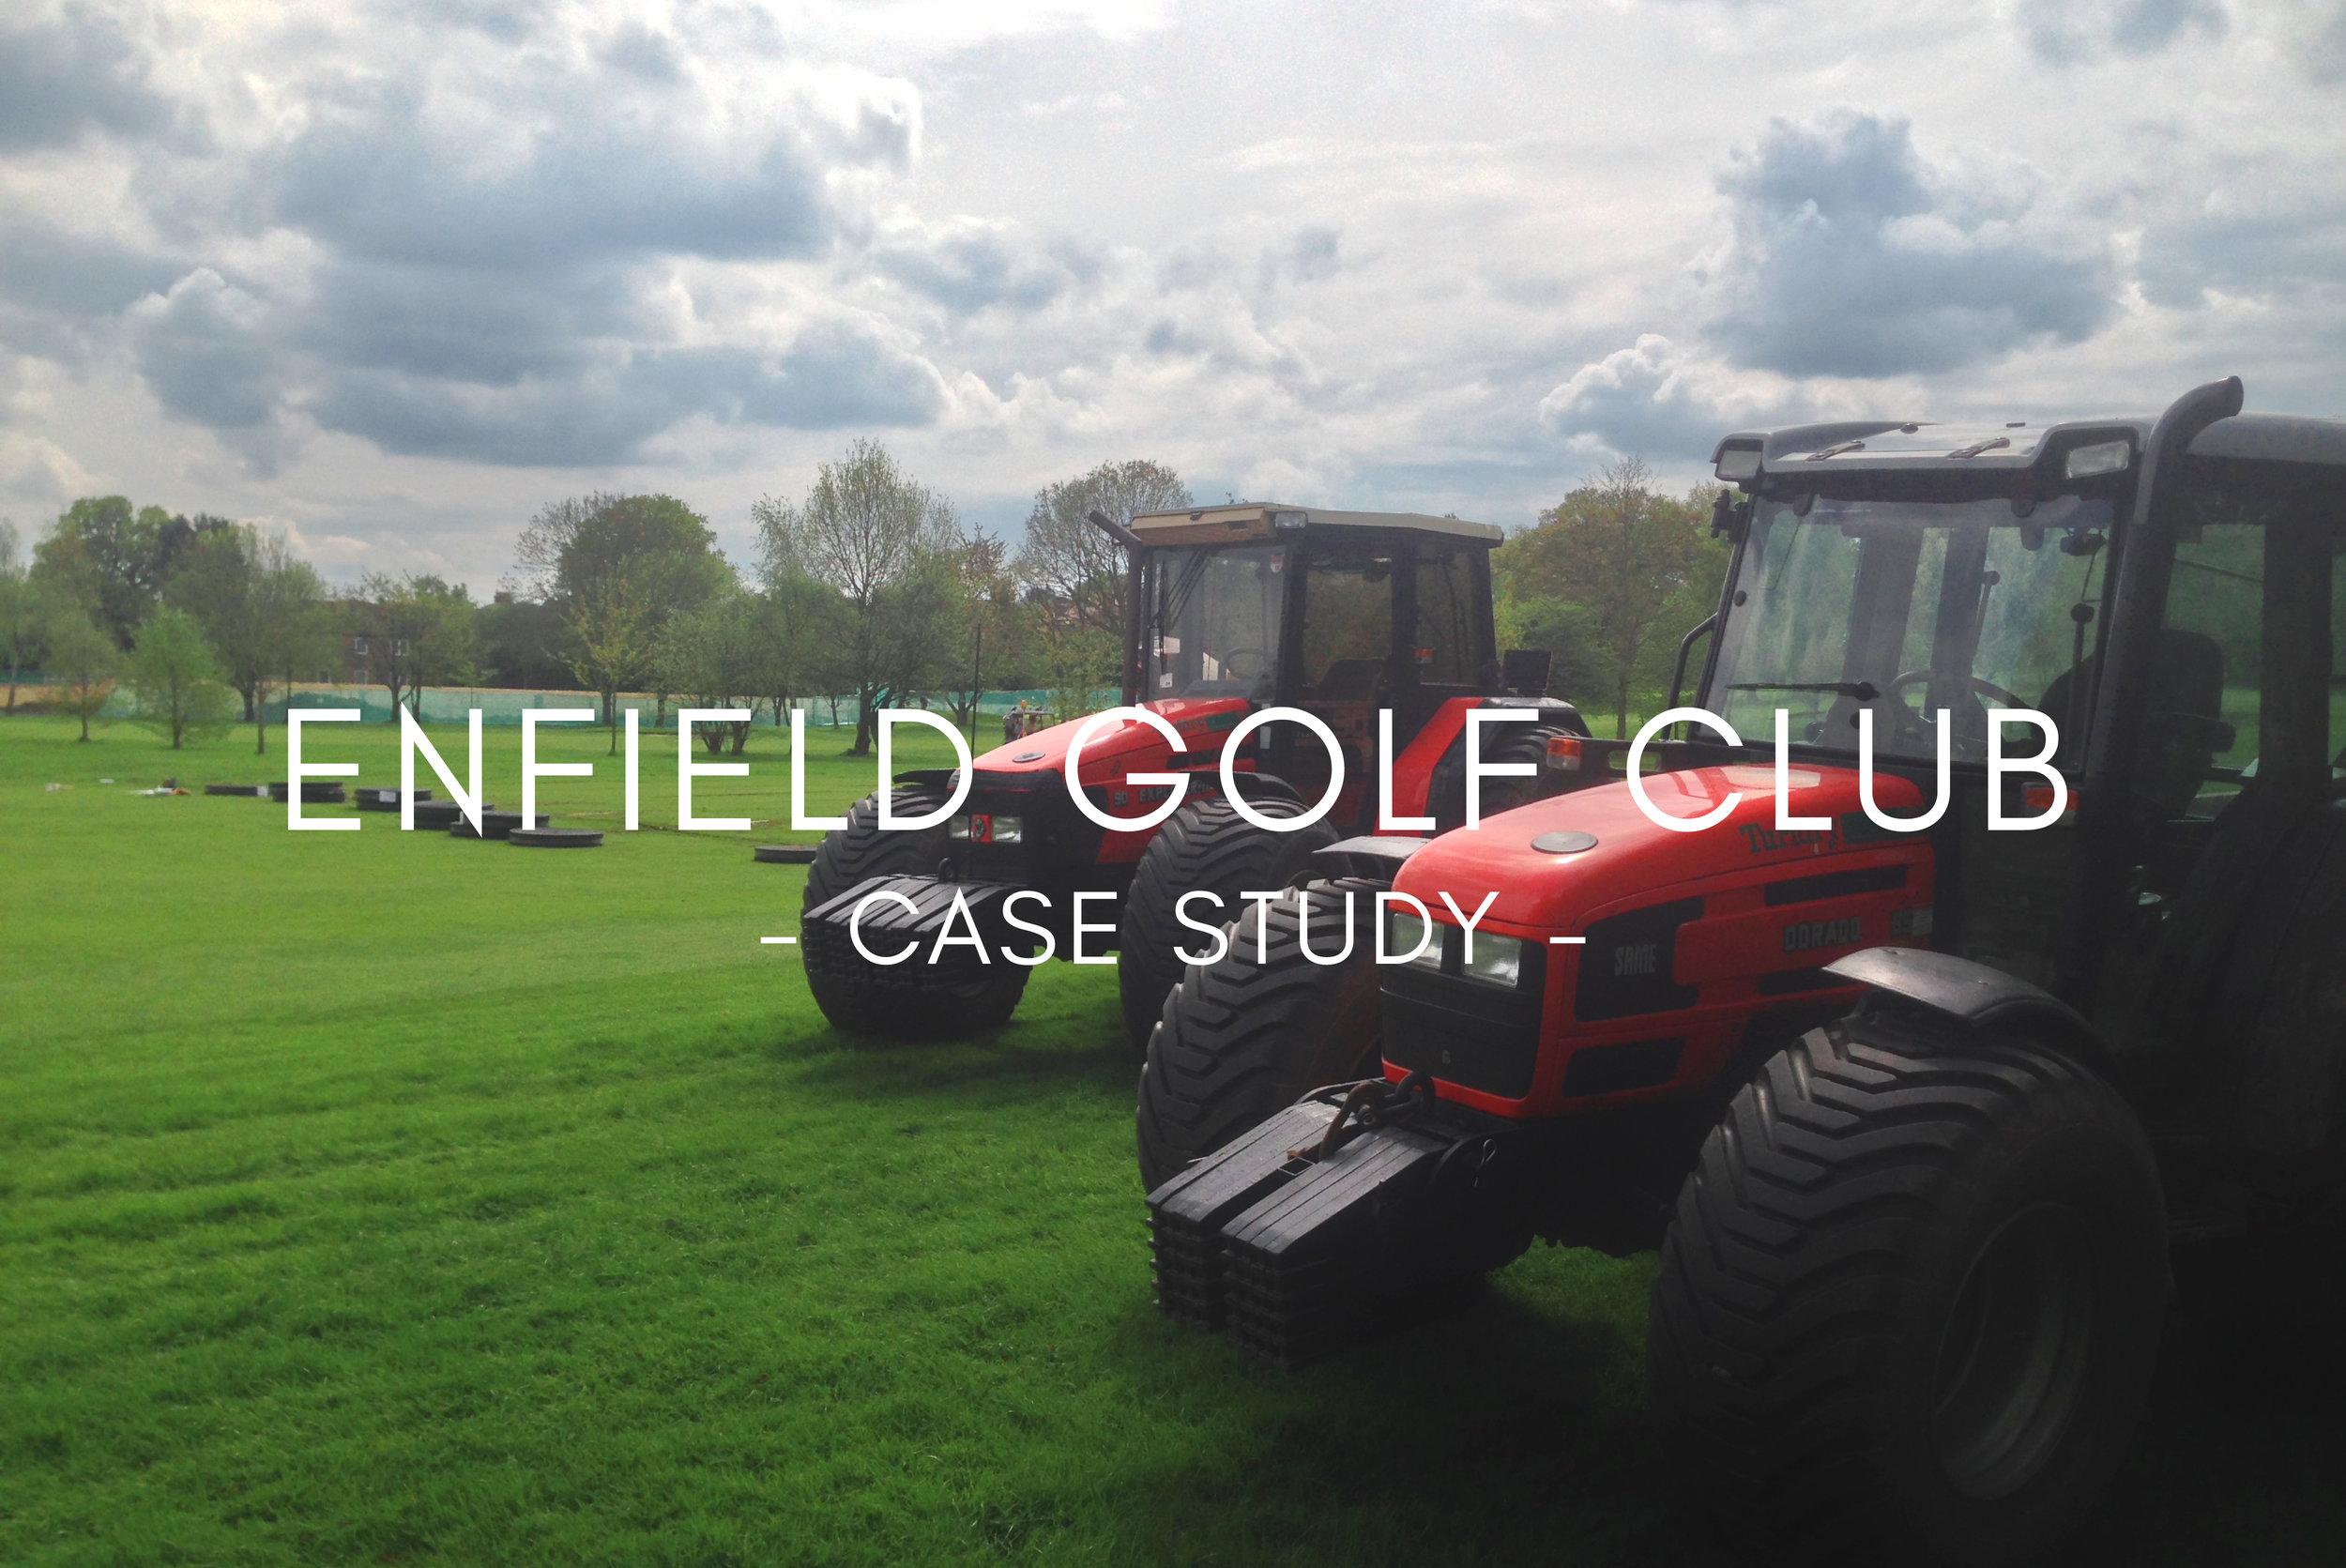 Case Study - Enfield Golf Club